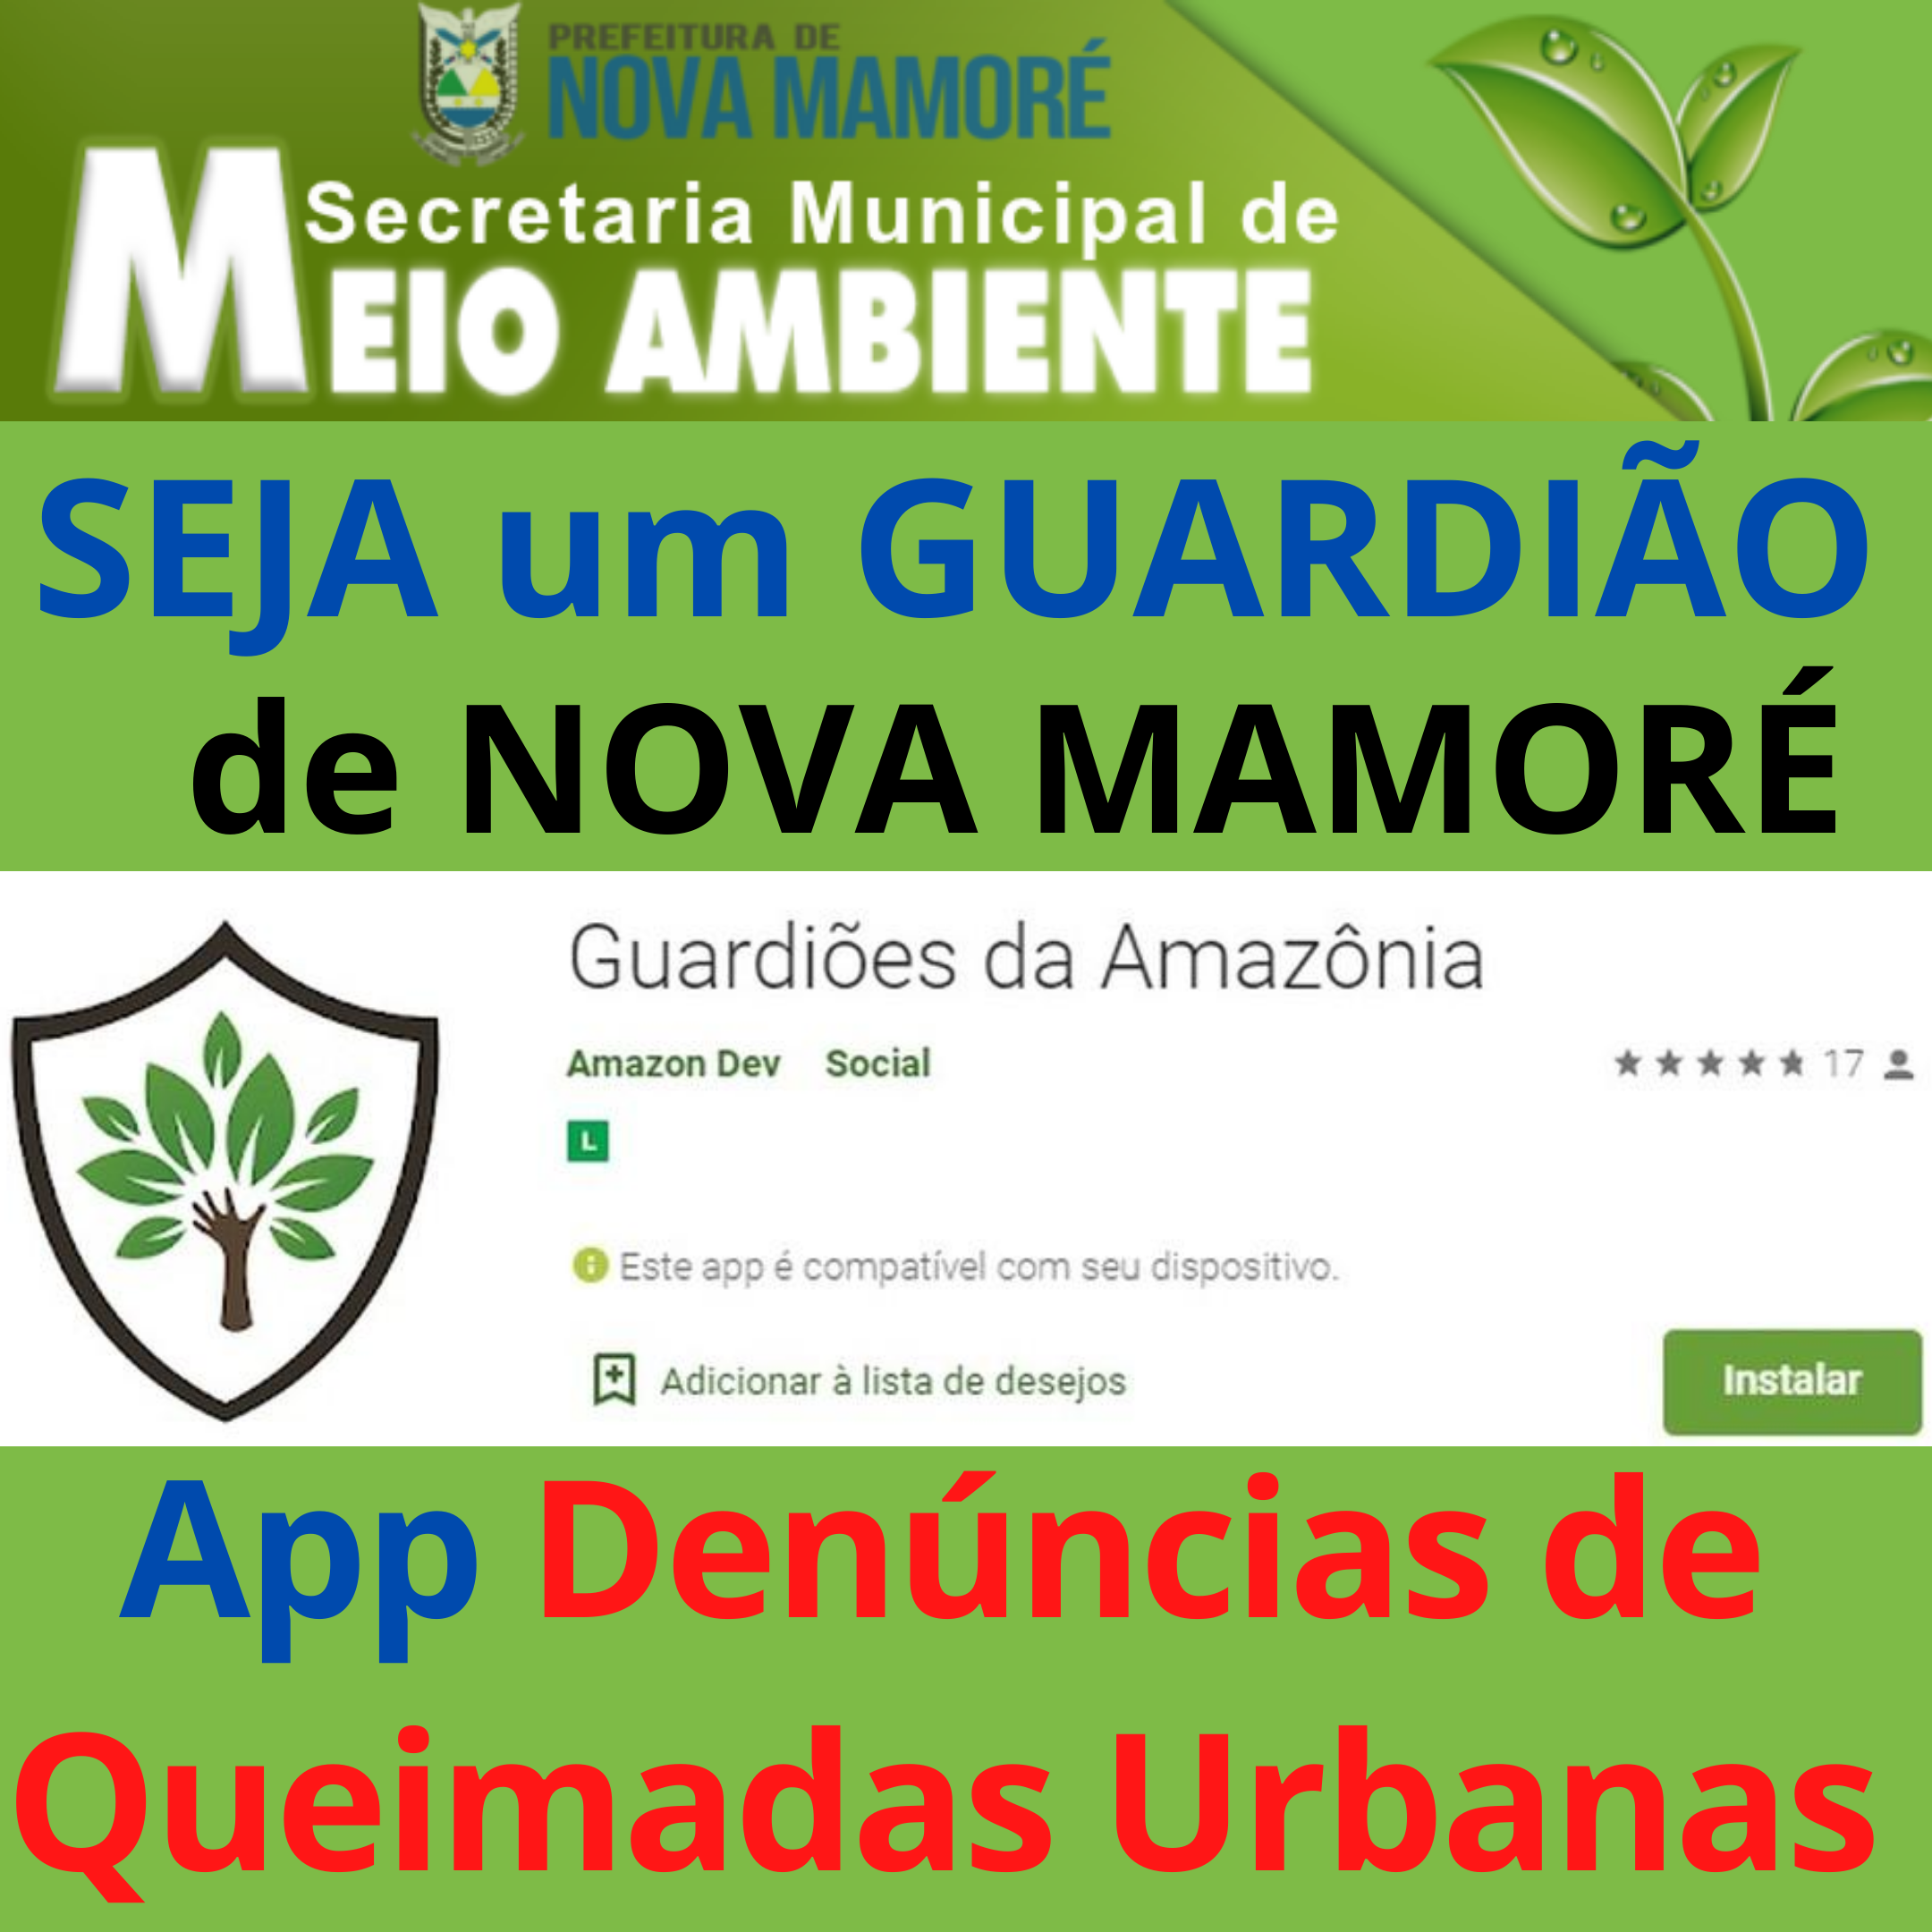 App para denúncia de queimadas urbanas é disponibilizado em Nova Mamoré – RO